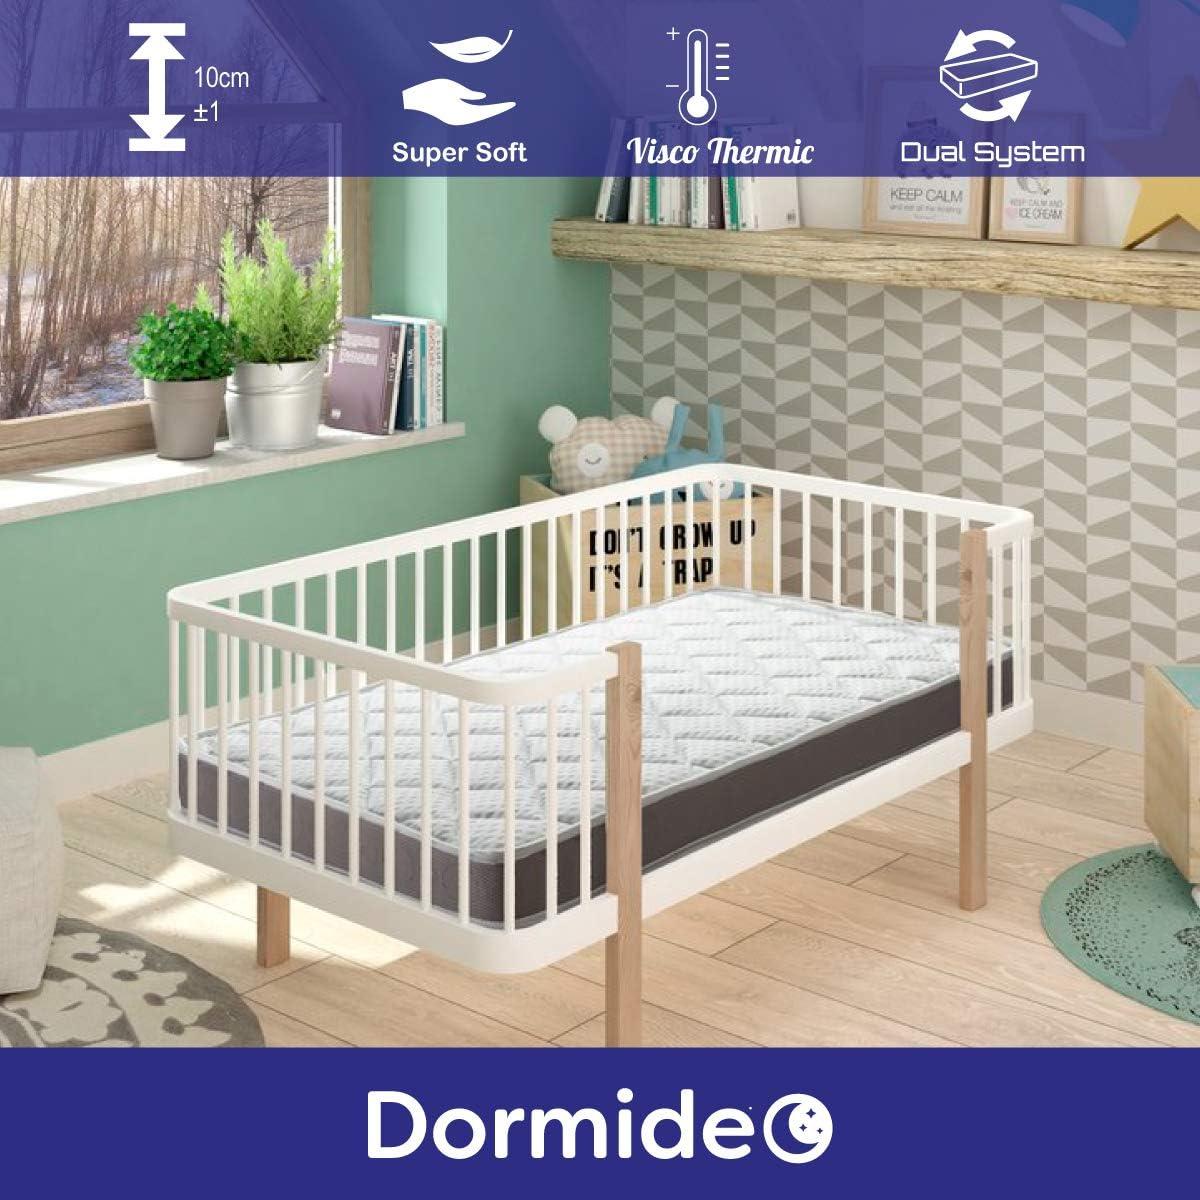 DORMIDEO Colchón Cuna viscoelástico BabyBed - Dos Caras higiénico, Transpirable y Antideslizante